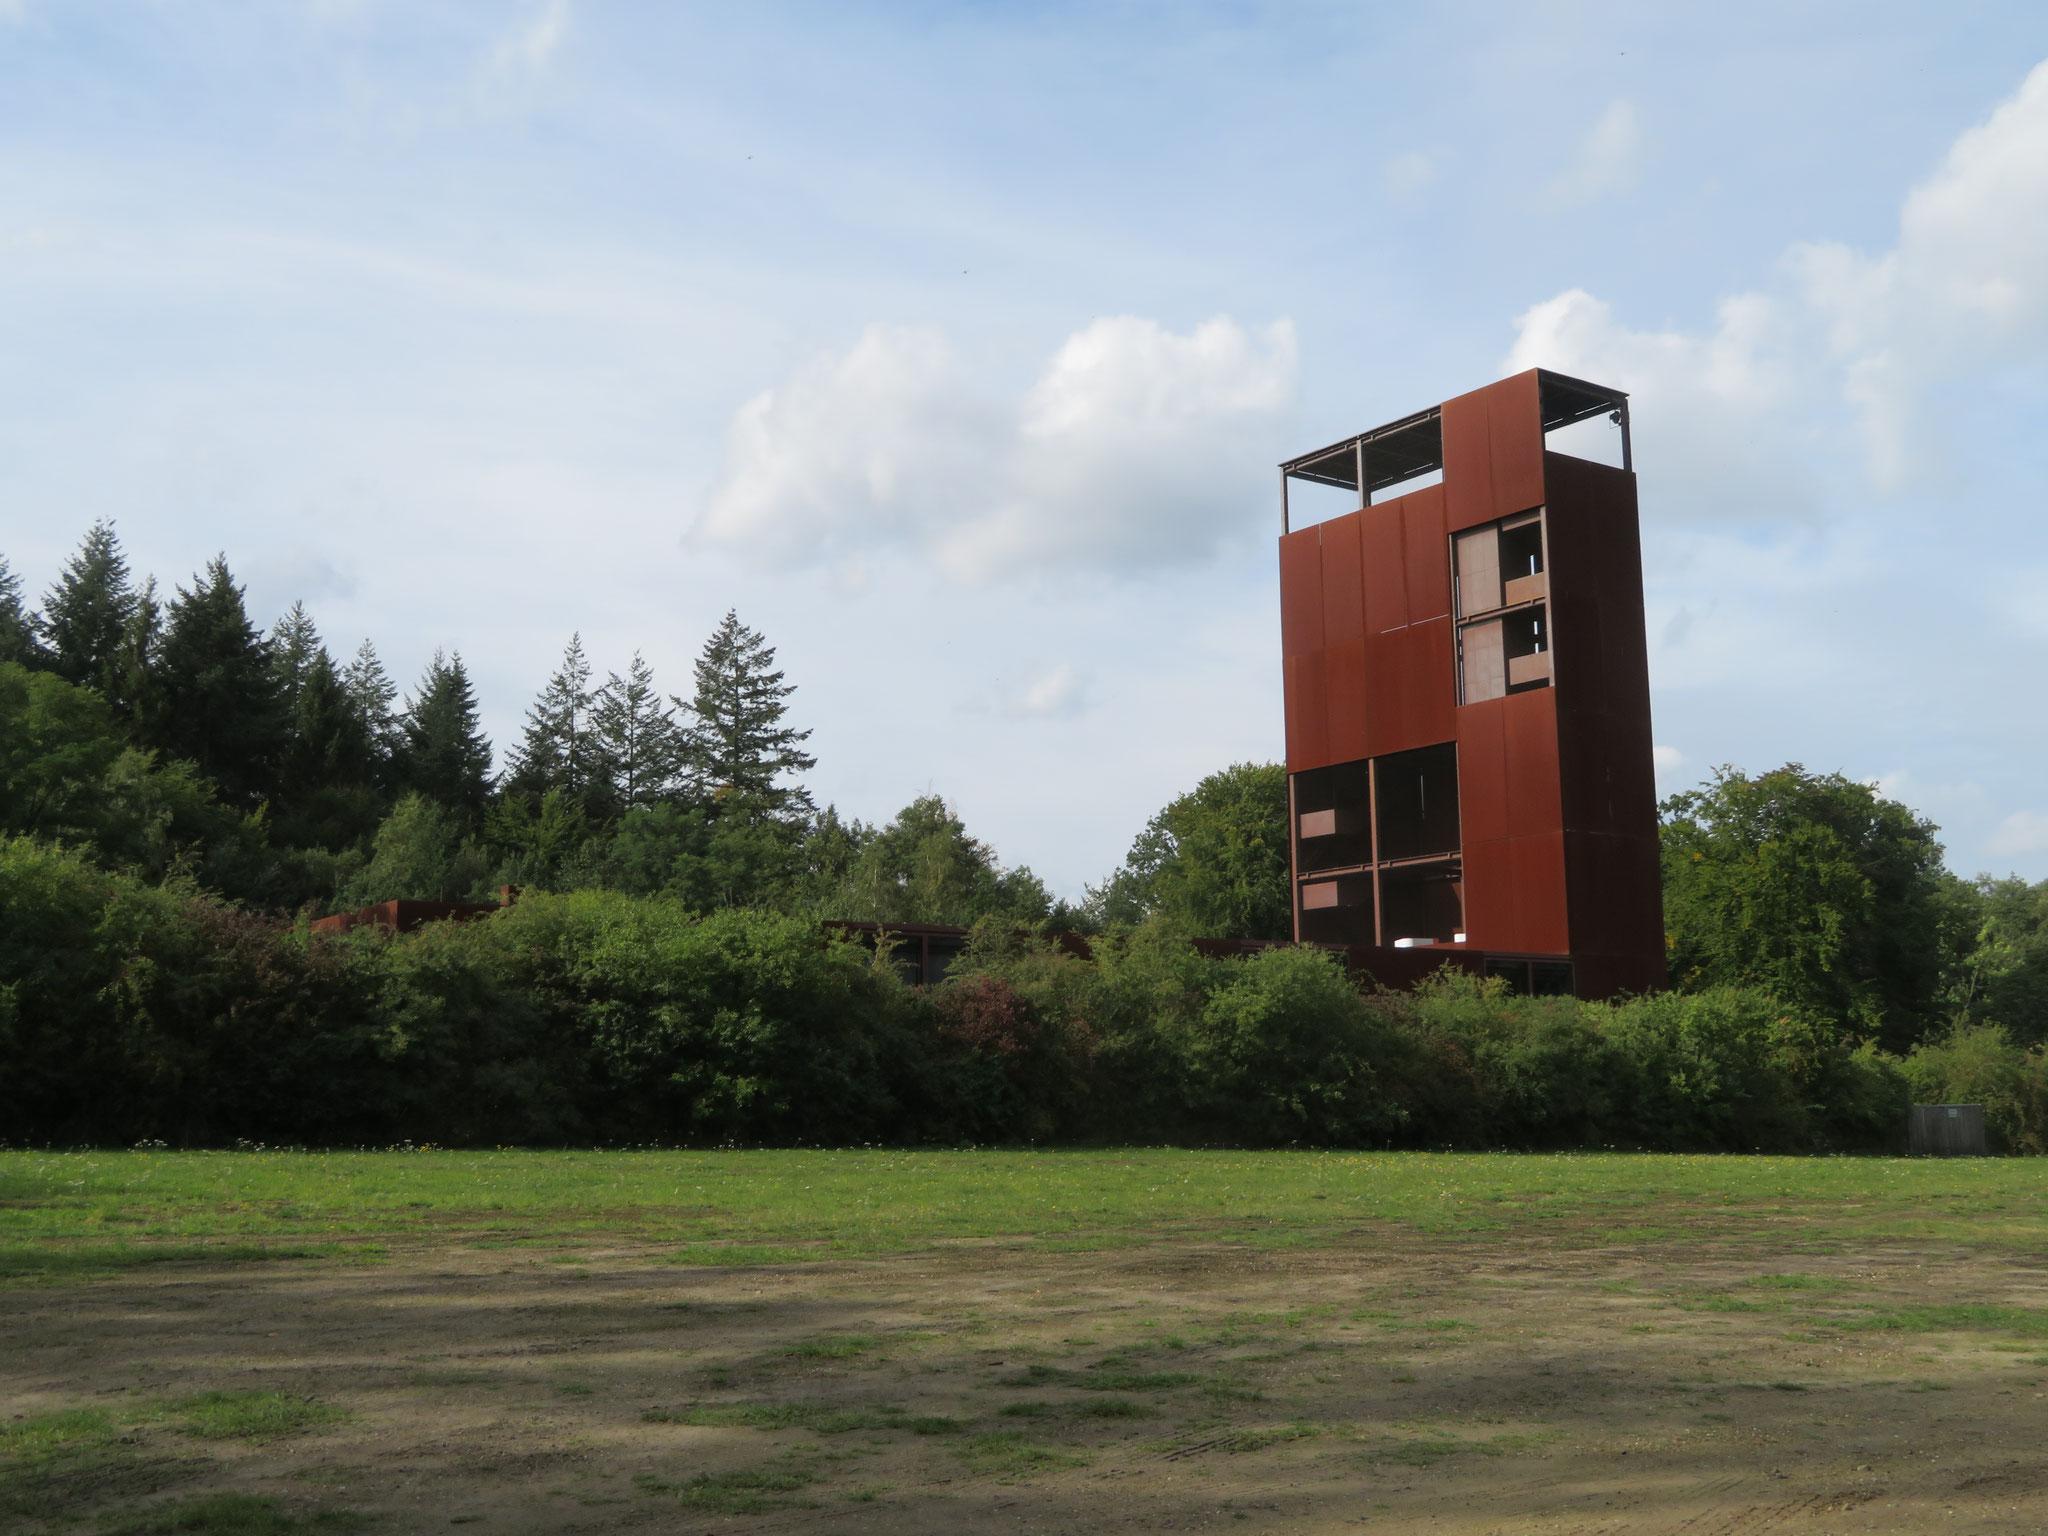 Varusschlacht – Museum und Park Kalkriese